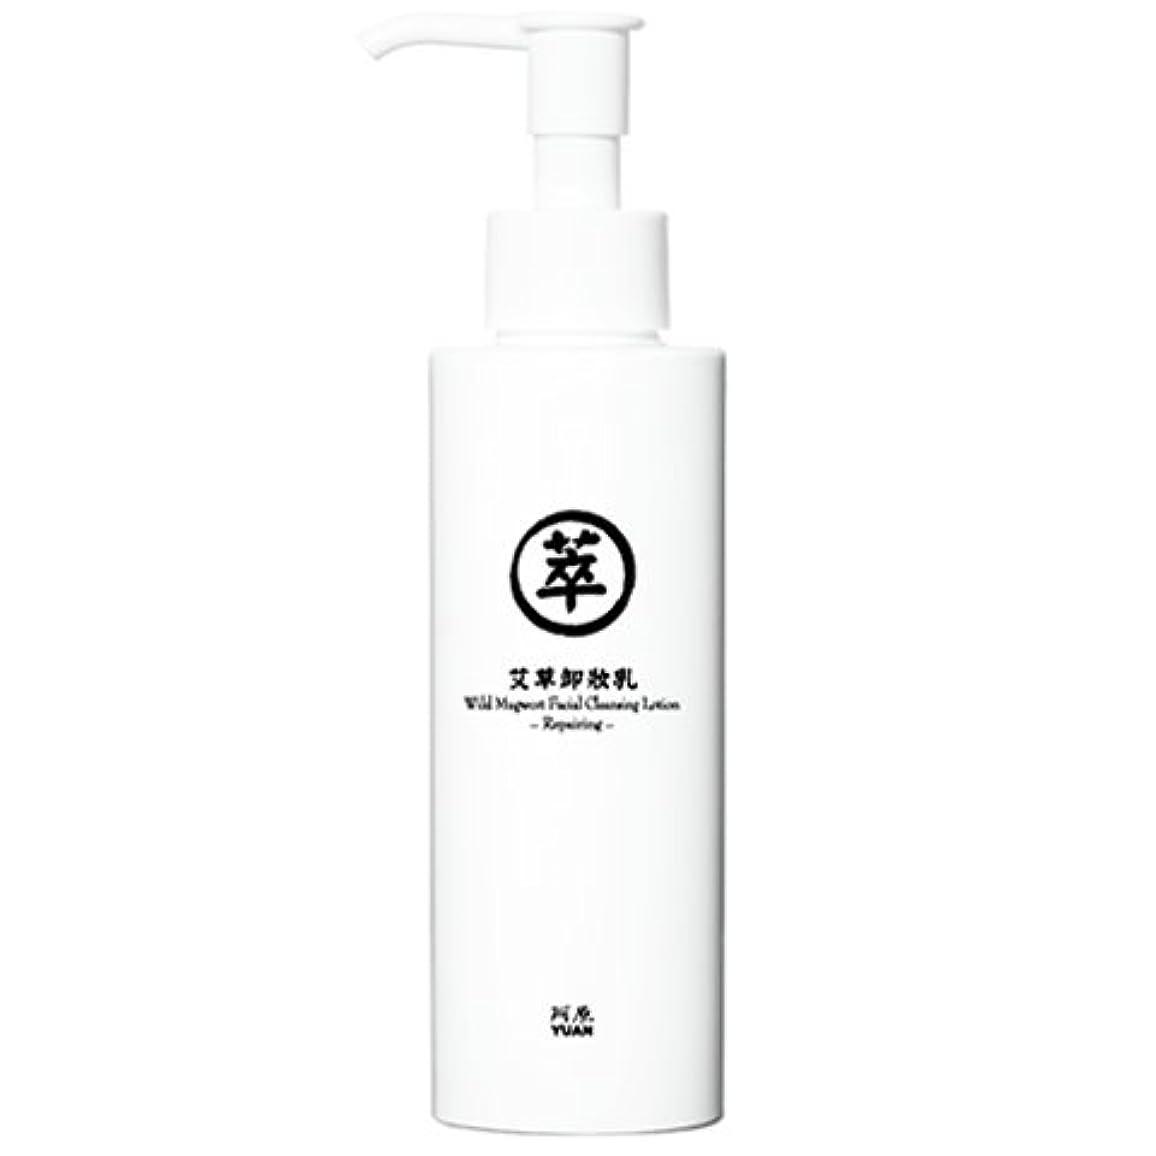 脅かす値するマガジンユアン(YUAN)ヨモギクレンジングミルク 150ml(阿原 ユアンソープ 台湾コスメ)